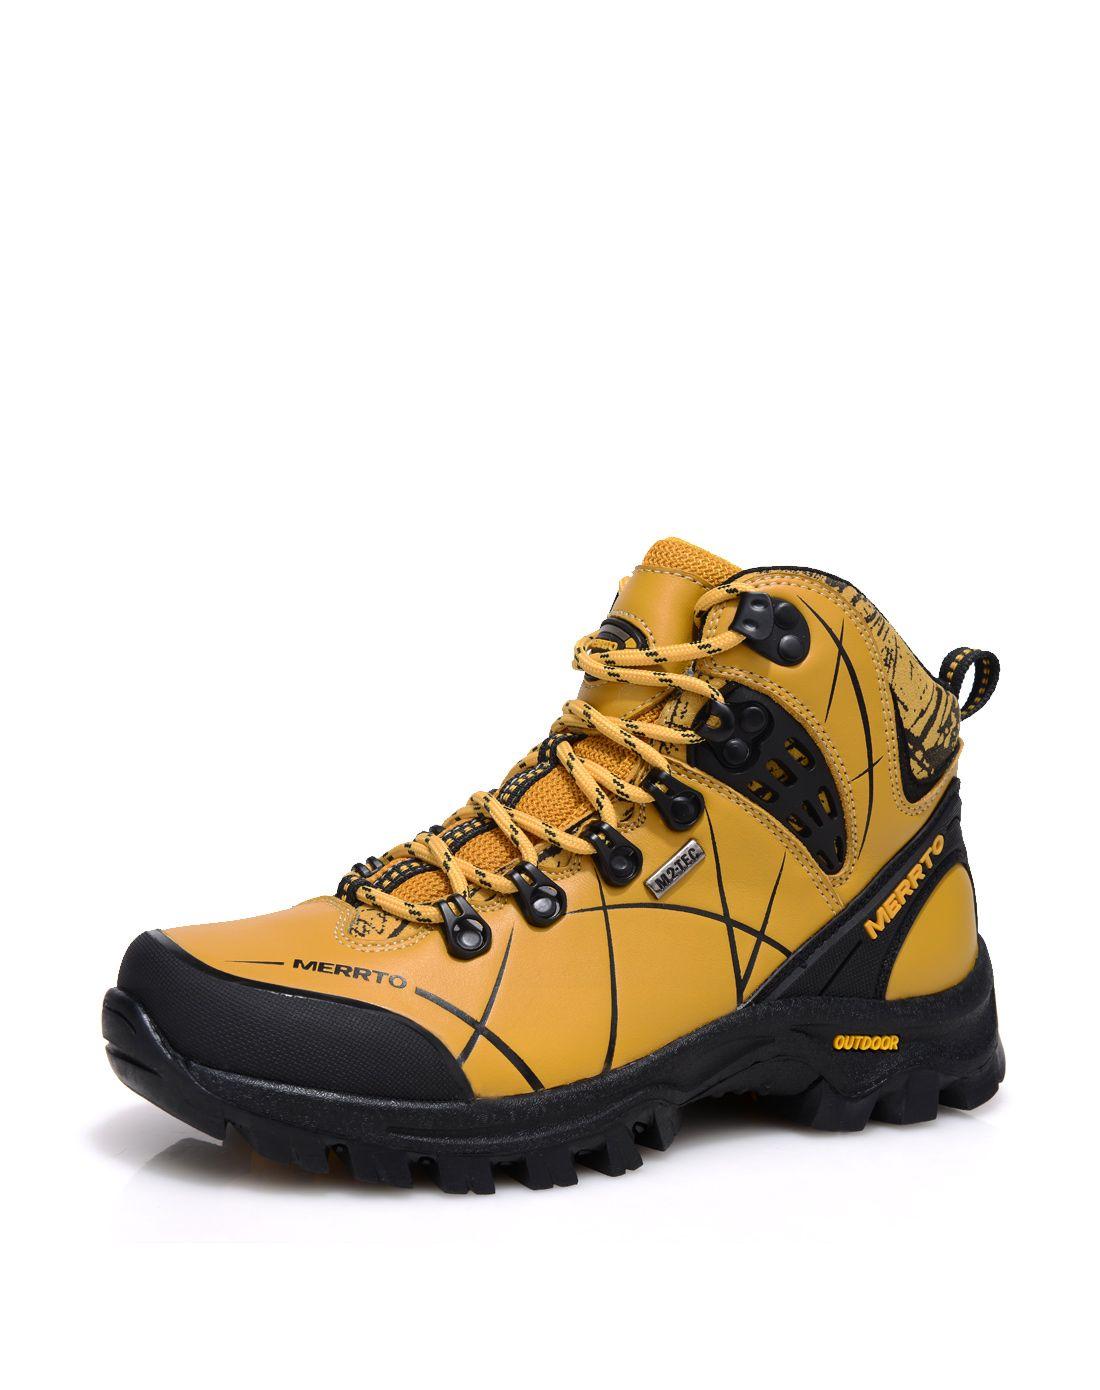 登山鞋 户外鞋 鞋 鞋子 1100_1390 竖版 竖屏